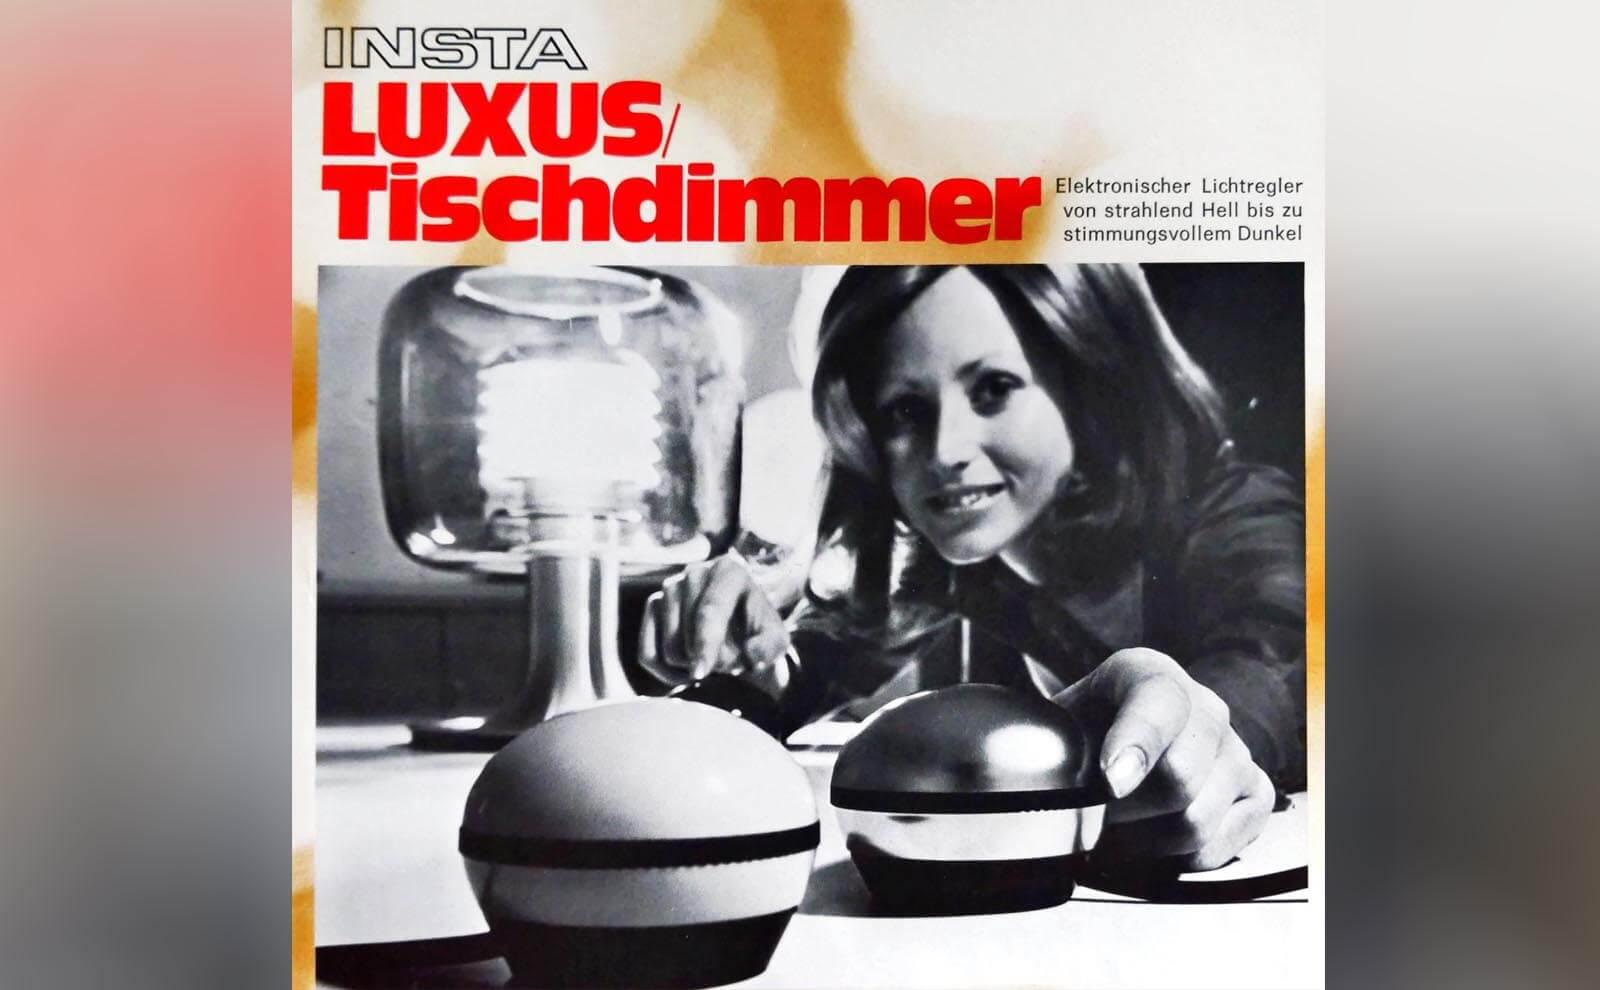 Der Insta Luxus Tischdimmer in den 70er Jahren